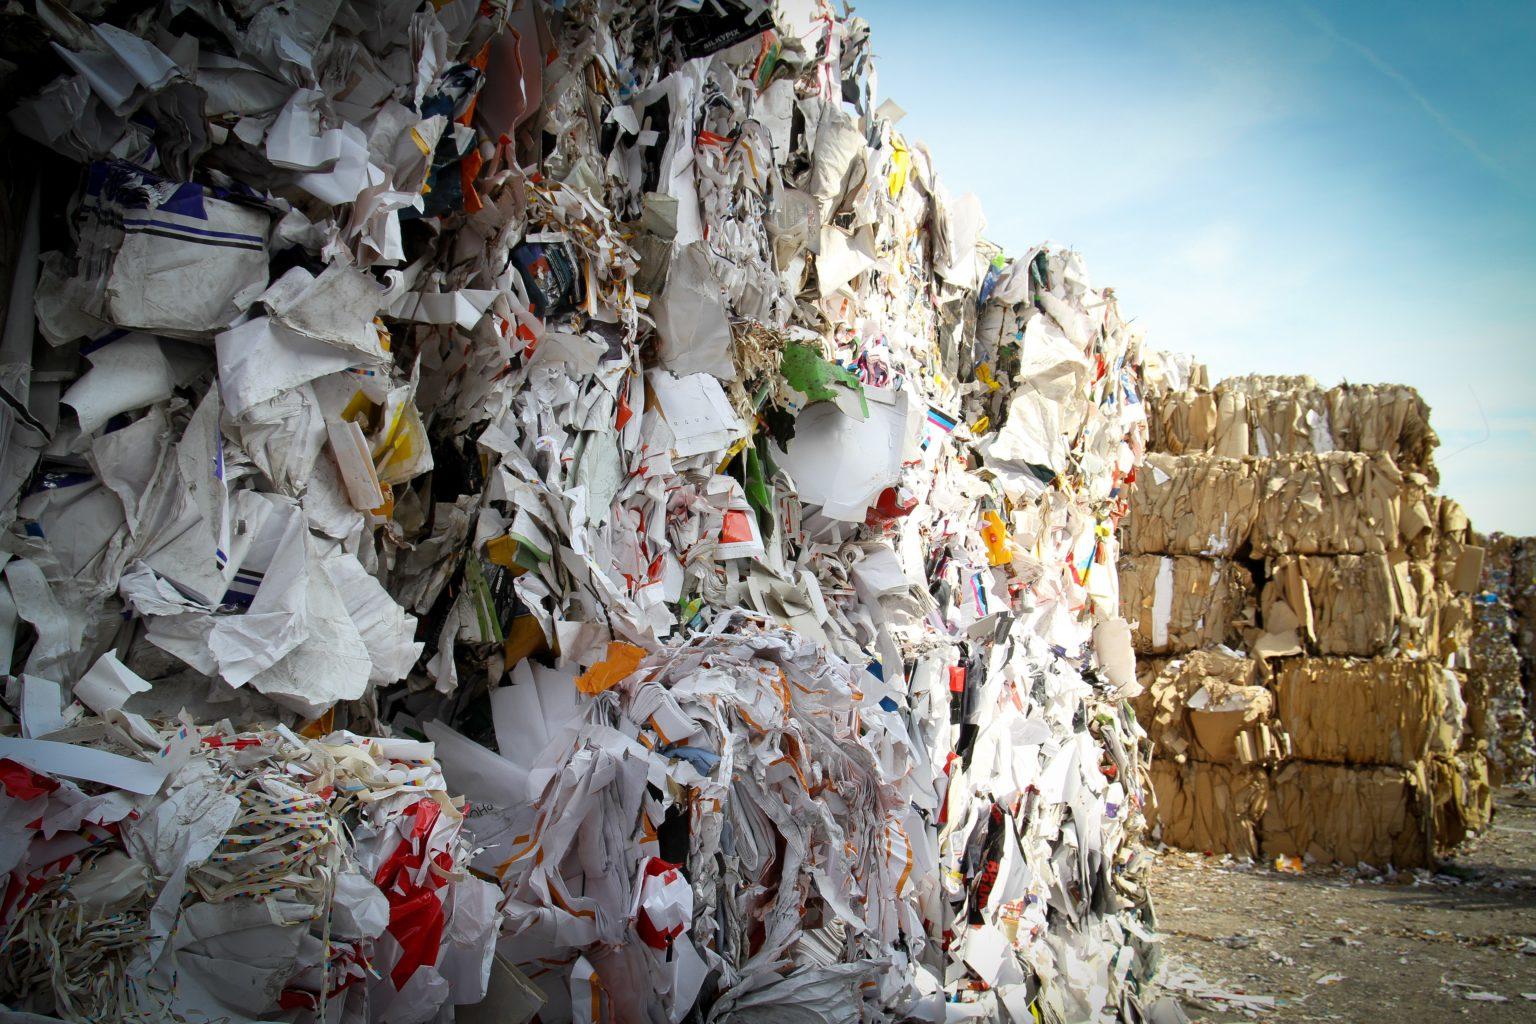 réduire et valoriser les déchets